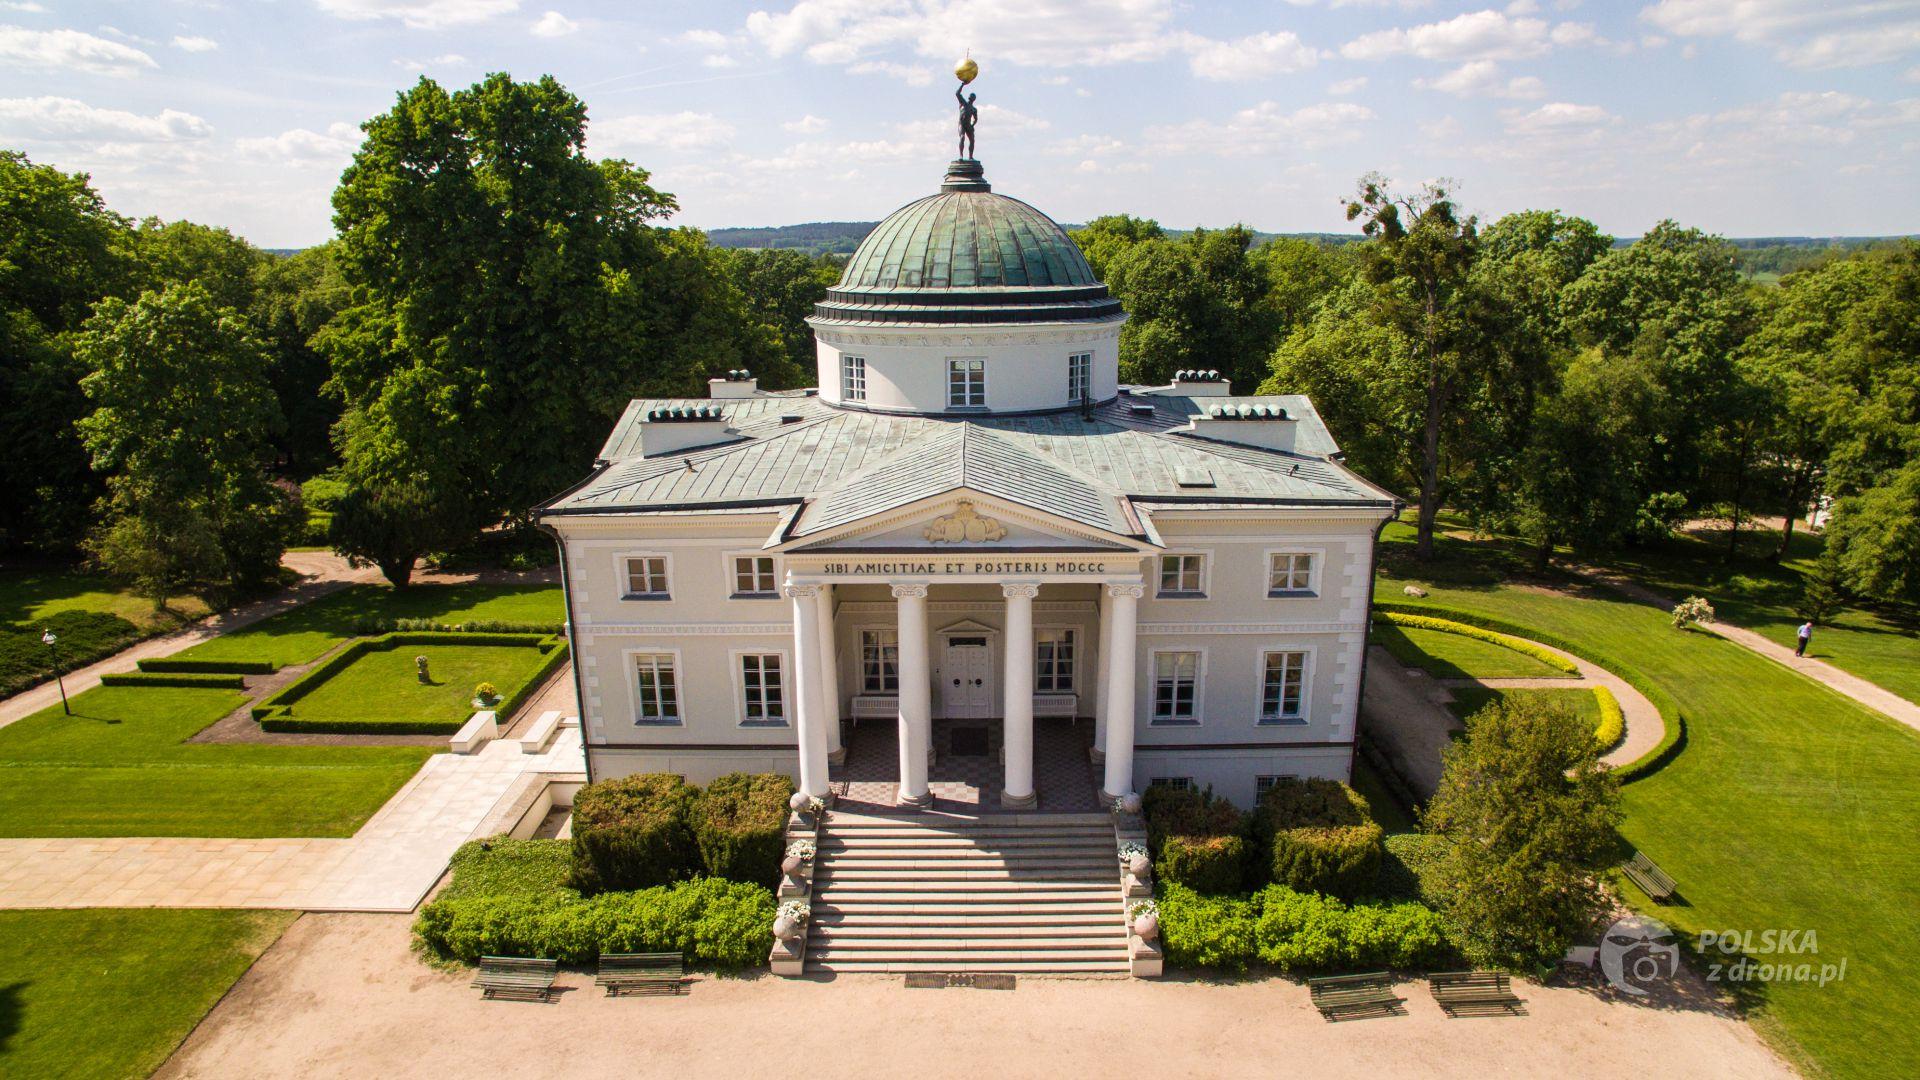 Отели в старинных дворцах Польши: сколько стоит ночлег по-царски?